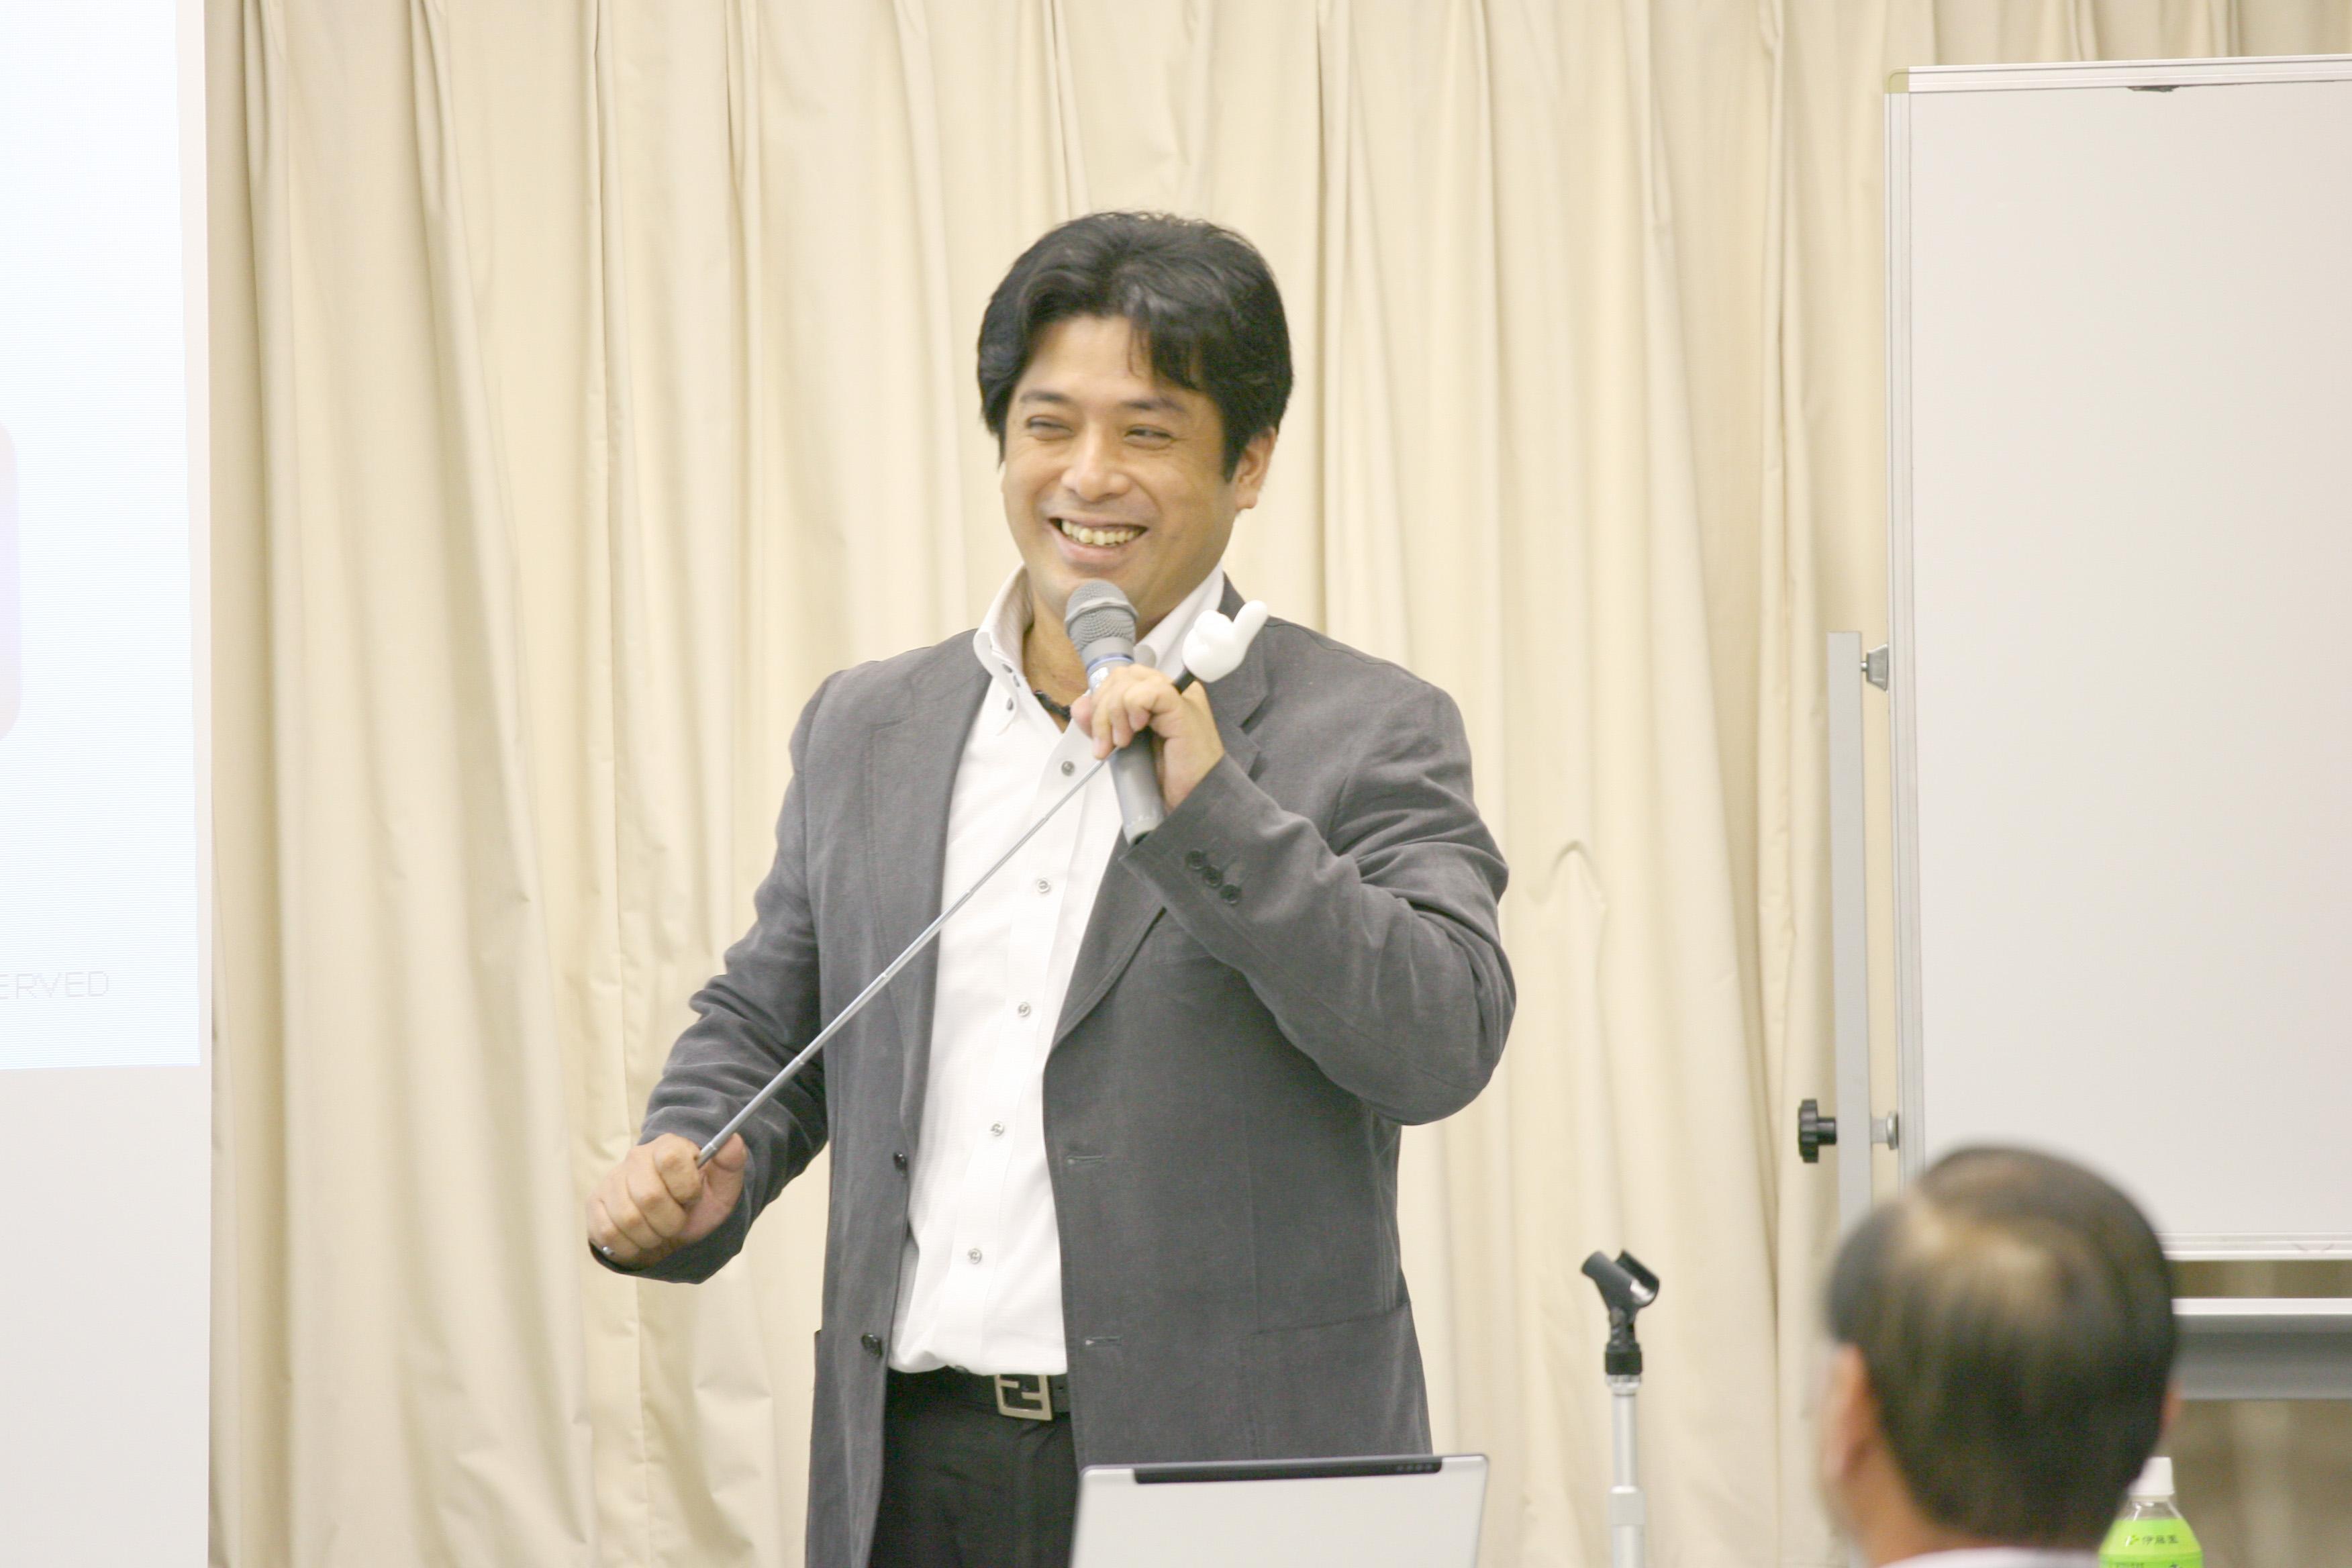 大阪府自動車車体整備協同組合主で販促セミナー風景